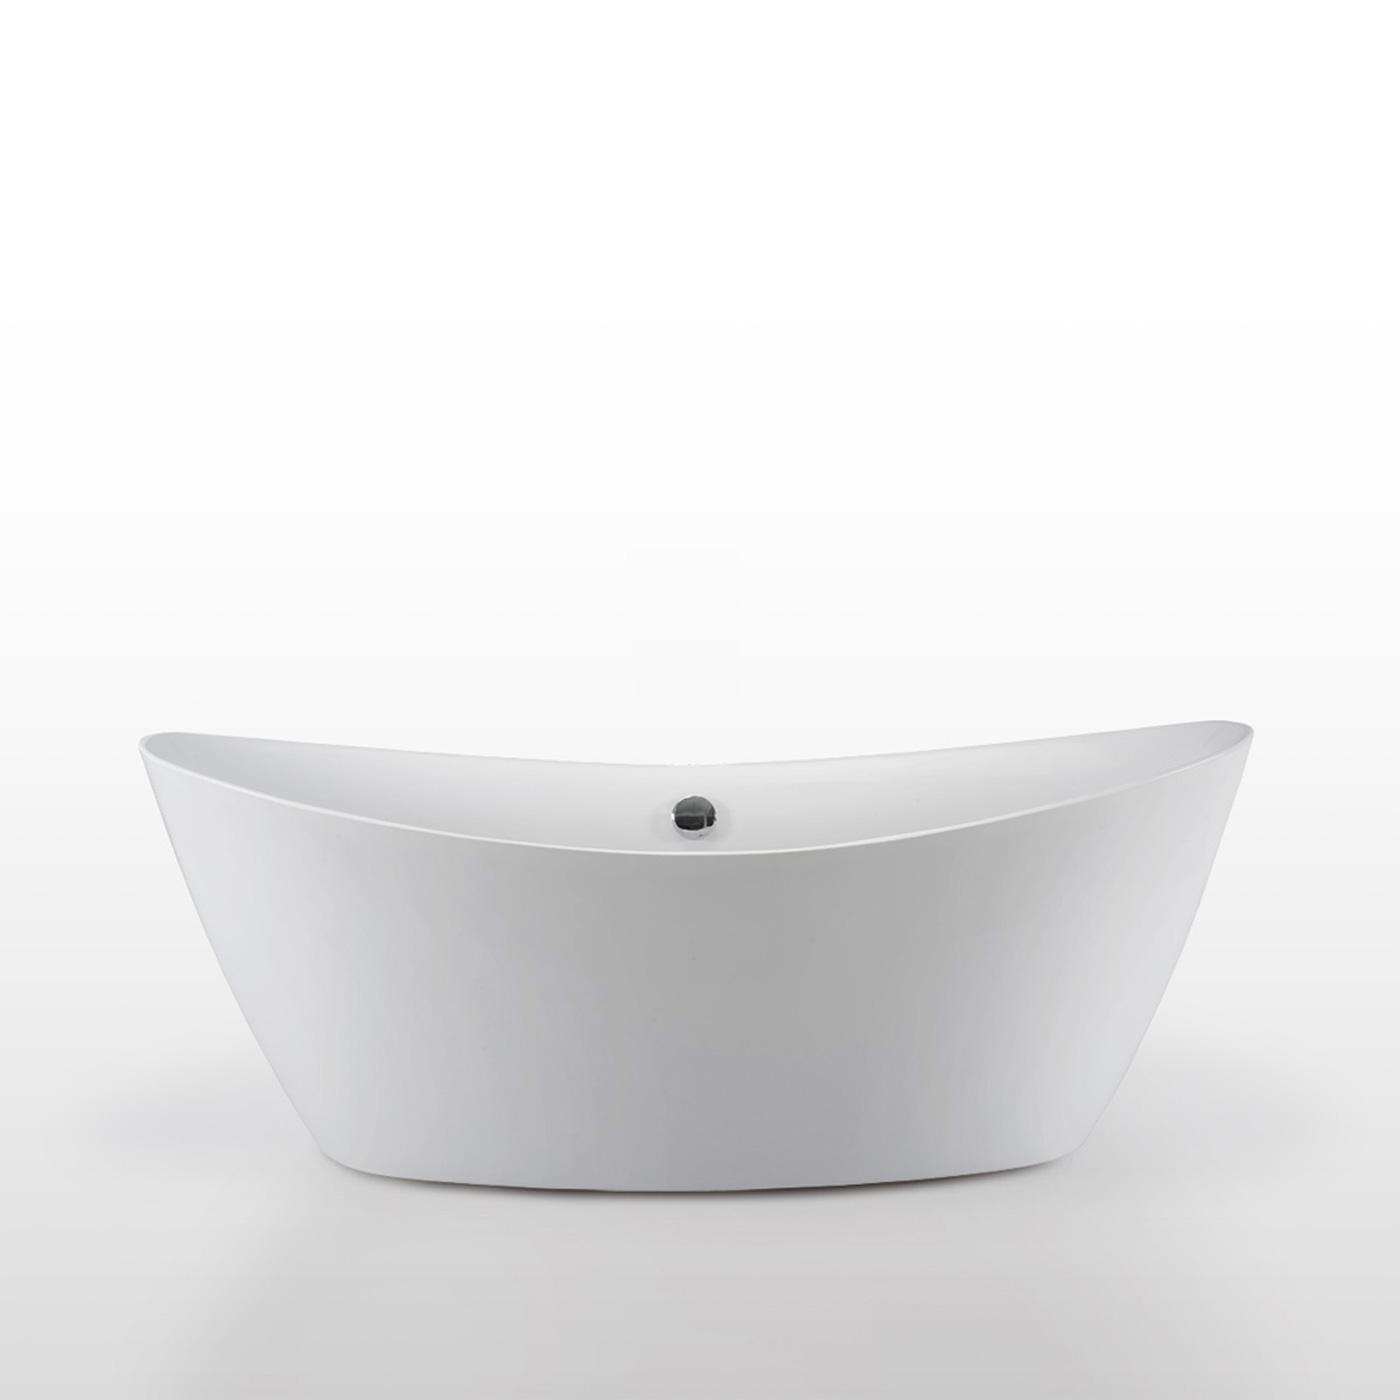 Baignoire Ilot Blanc Acrylique Moderne Design 180 X 80 Cm Mod